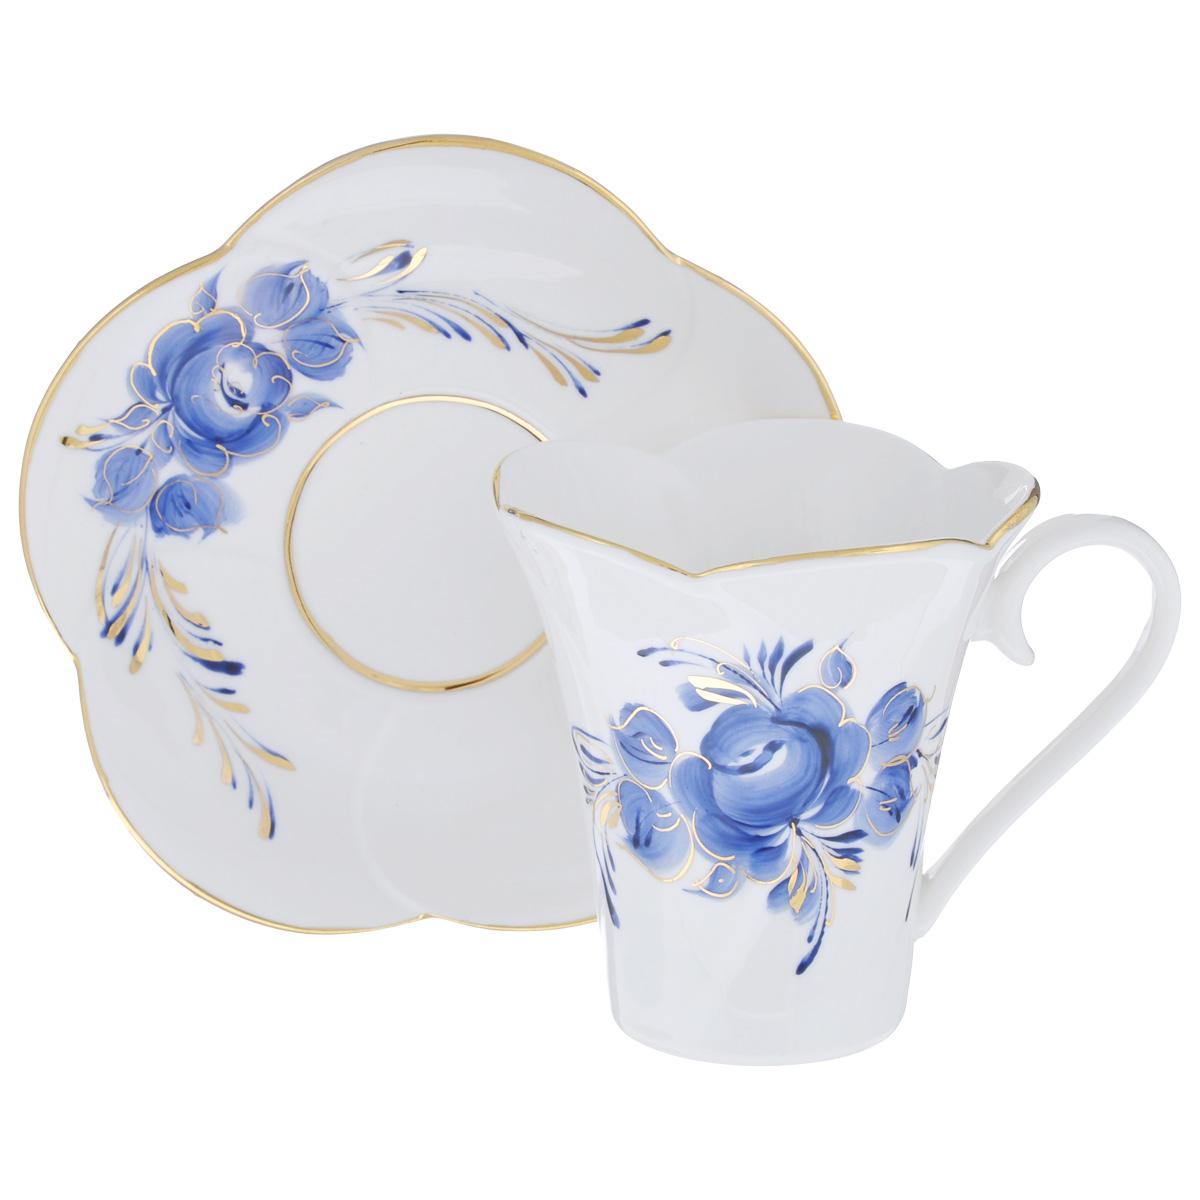 Чайная пара Пион, цвет: белый, синий, золотой, 2 предмета. 995161510115610Чайная пара Пион состоит из чашки и блюдца, изготовленных из фарфора белого цвета, и расписаны вручную. Яркий дизайн, несомненно, придется вам по вкусу.Чайная пара Пион украсит ваш кухонный стол, а также станет замечательным подарком к любому празднику.Не применять абразивные чистящие средства. Не использовать в микроволновой печи. Мыть с применением нейтральных моющих средств. Не рекомендуется использовать в посудомоечных машинах.Объем чашки: 200 мл.Диаметр чашки по верхнему краю: 8,5 см.Диаметр основания: 4,5 см.Высота чашки: 9 см.Диаметр блюдца: 14 см.